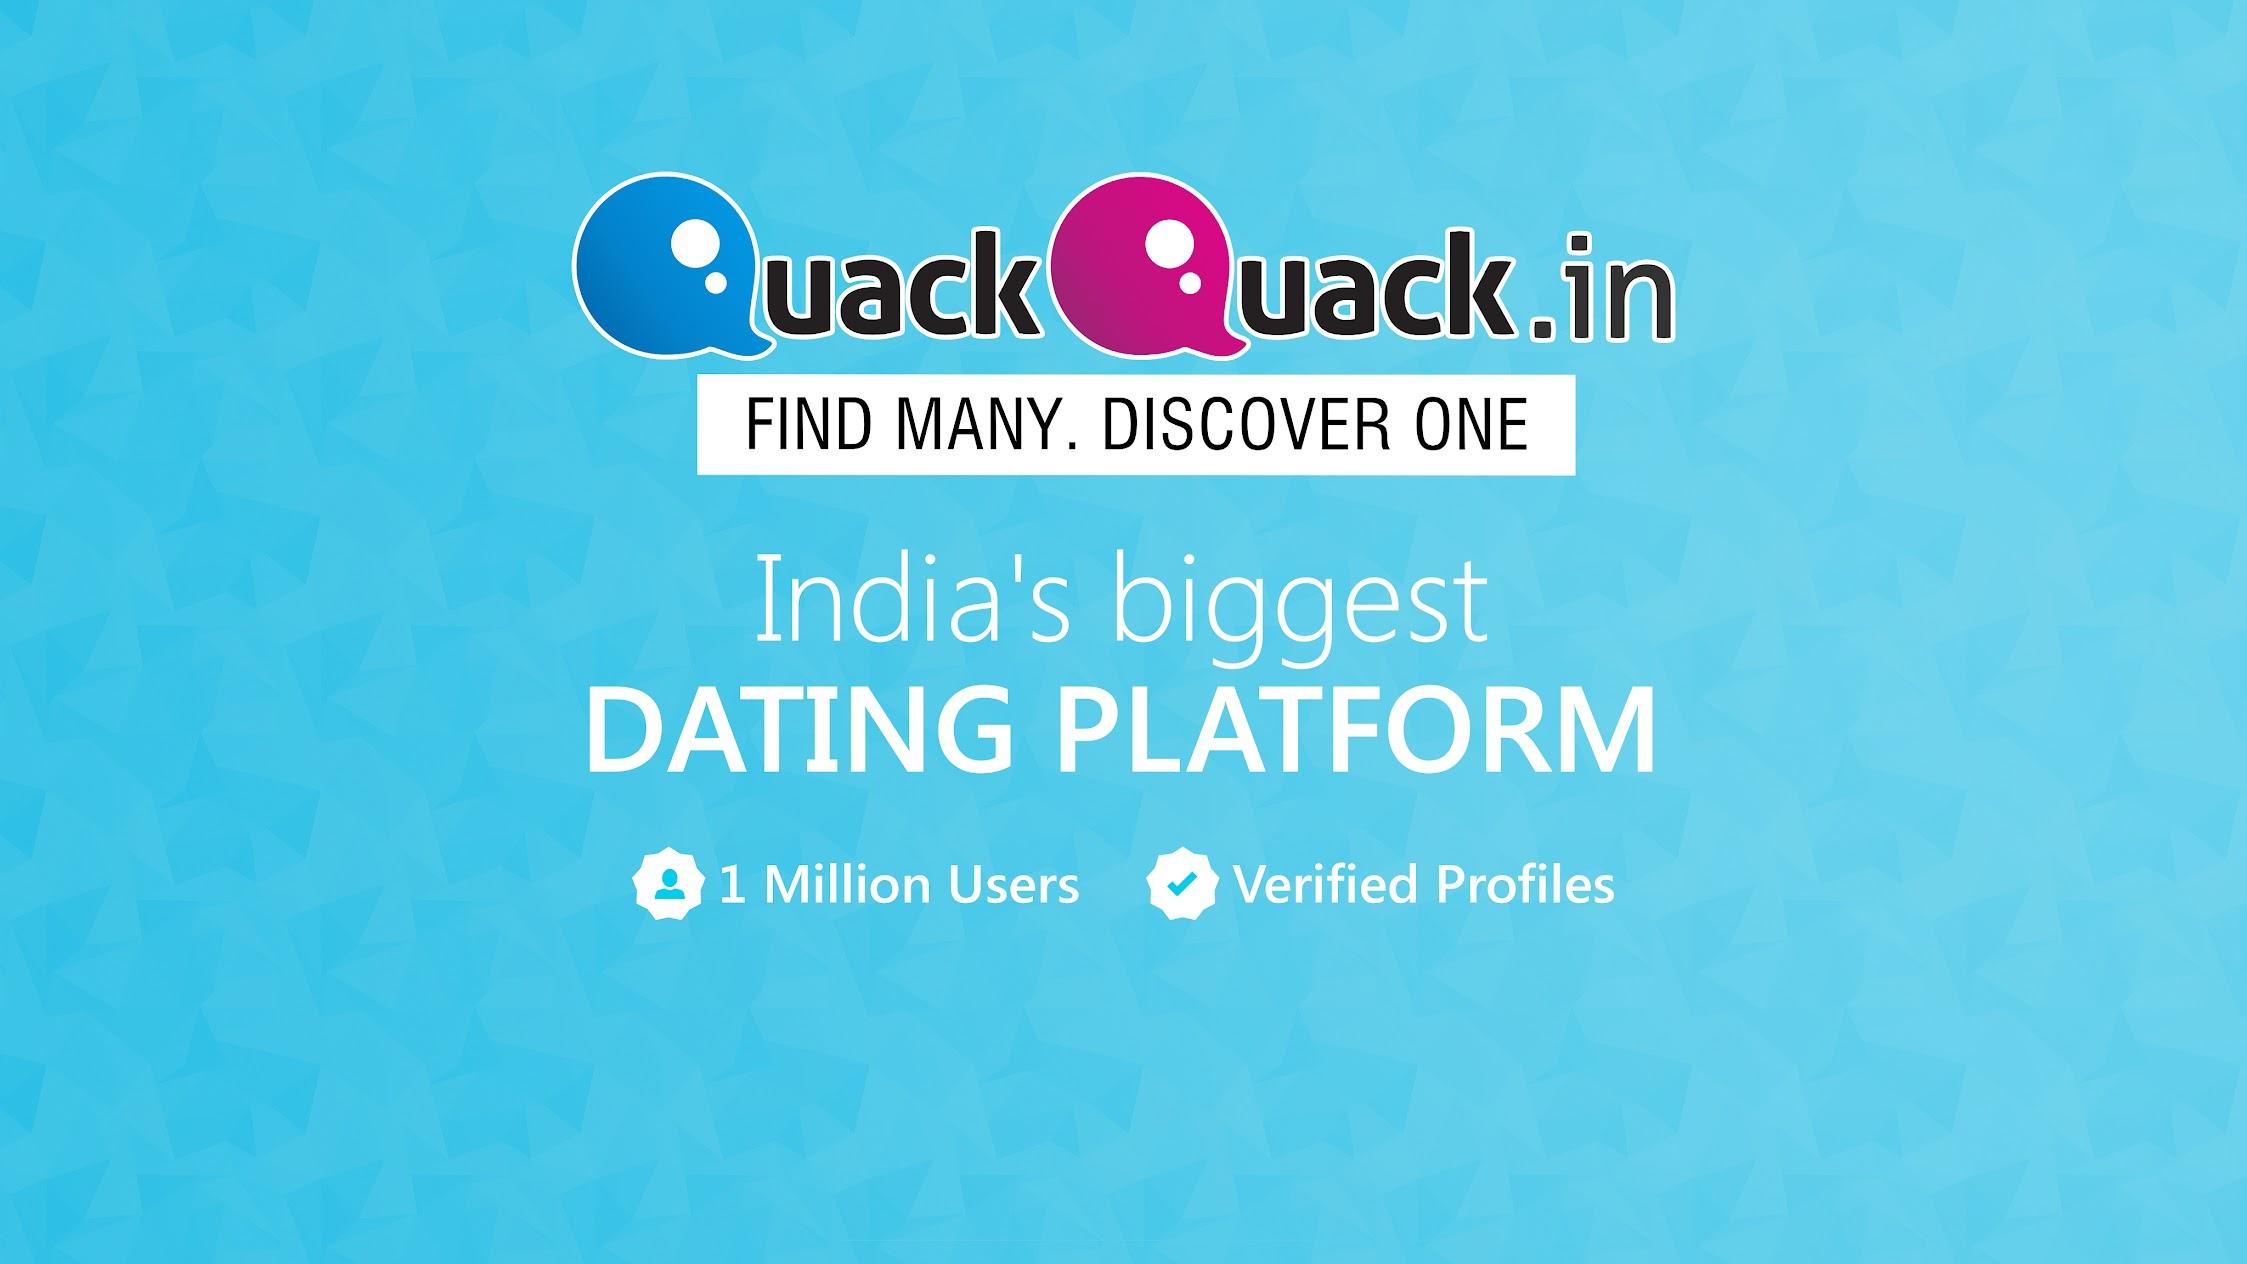 QuackQuack.in